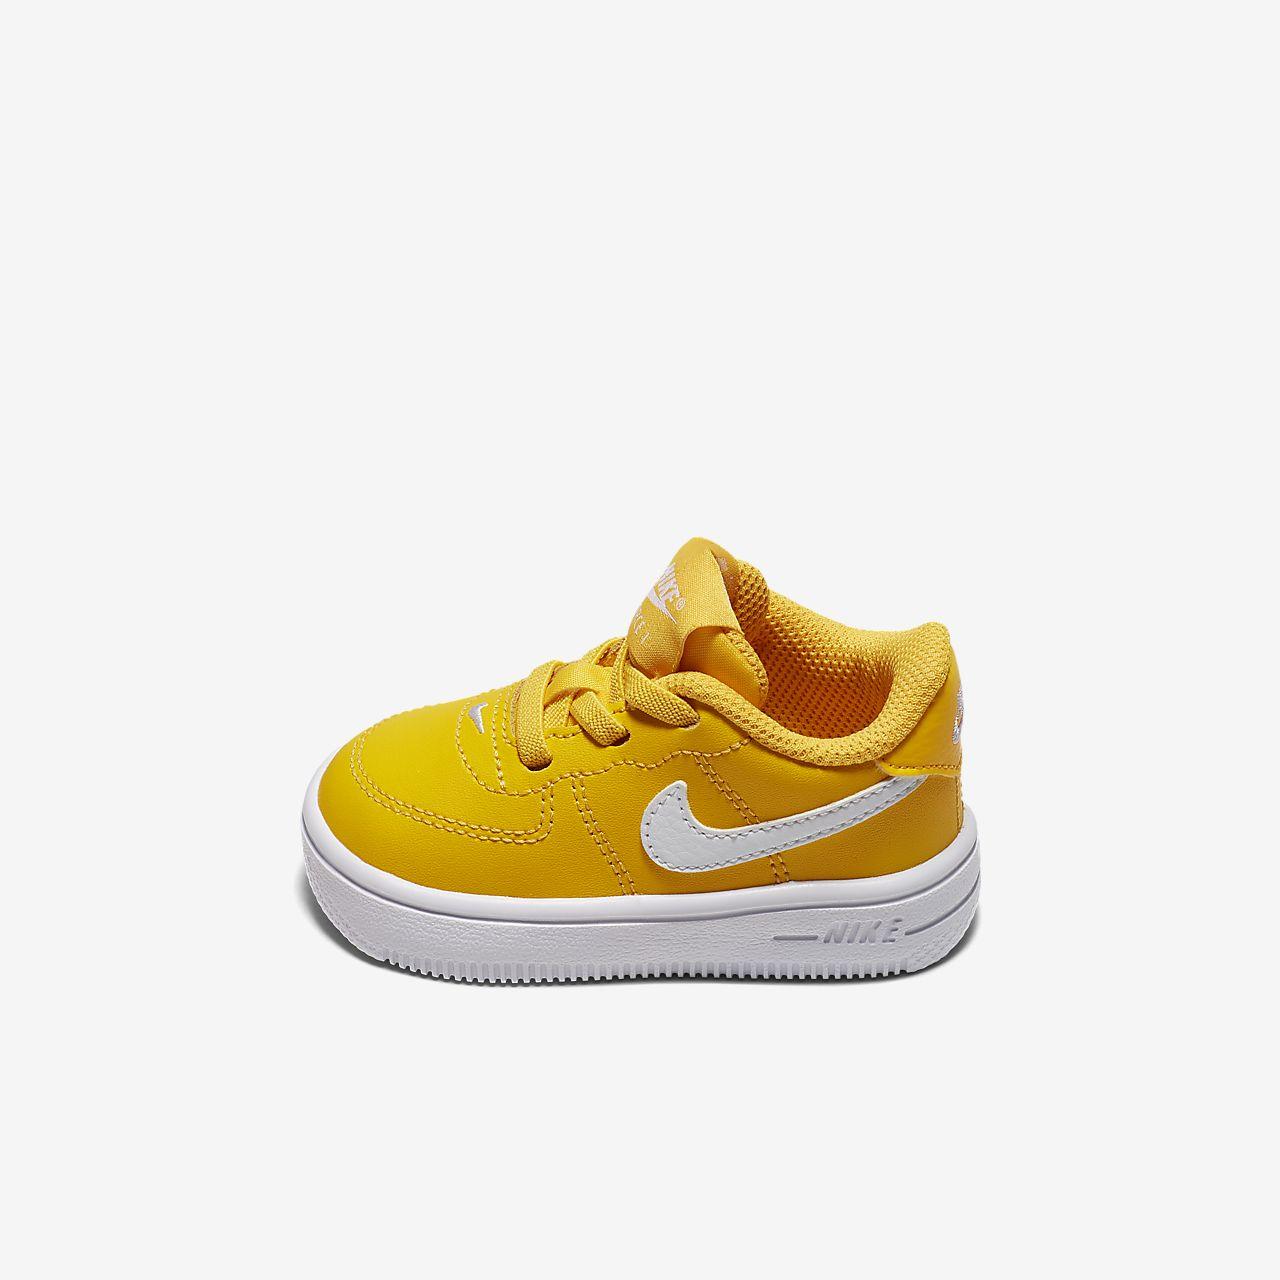 Nike Air Force 1 Toddler Shoe Nike LU